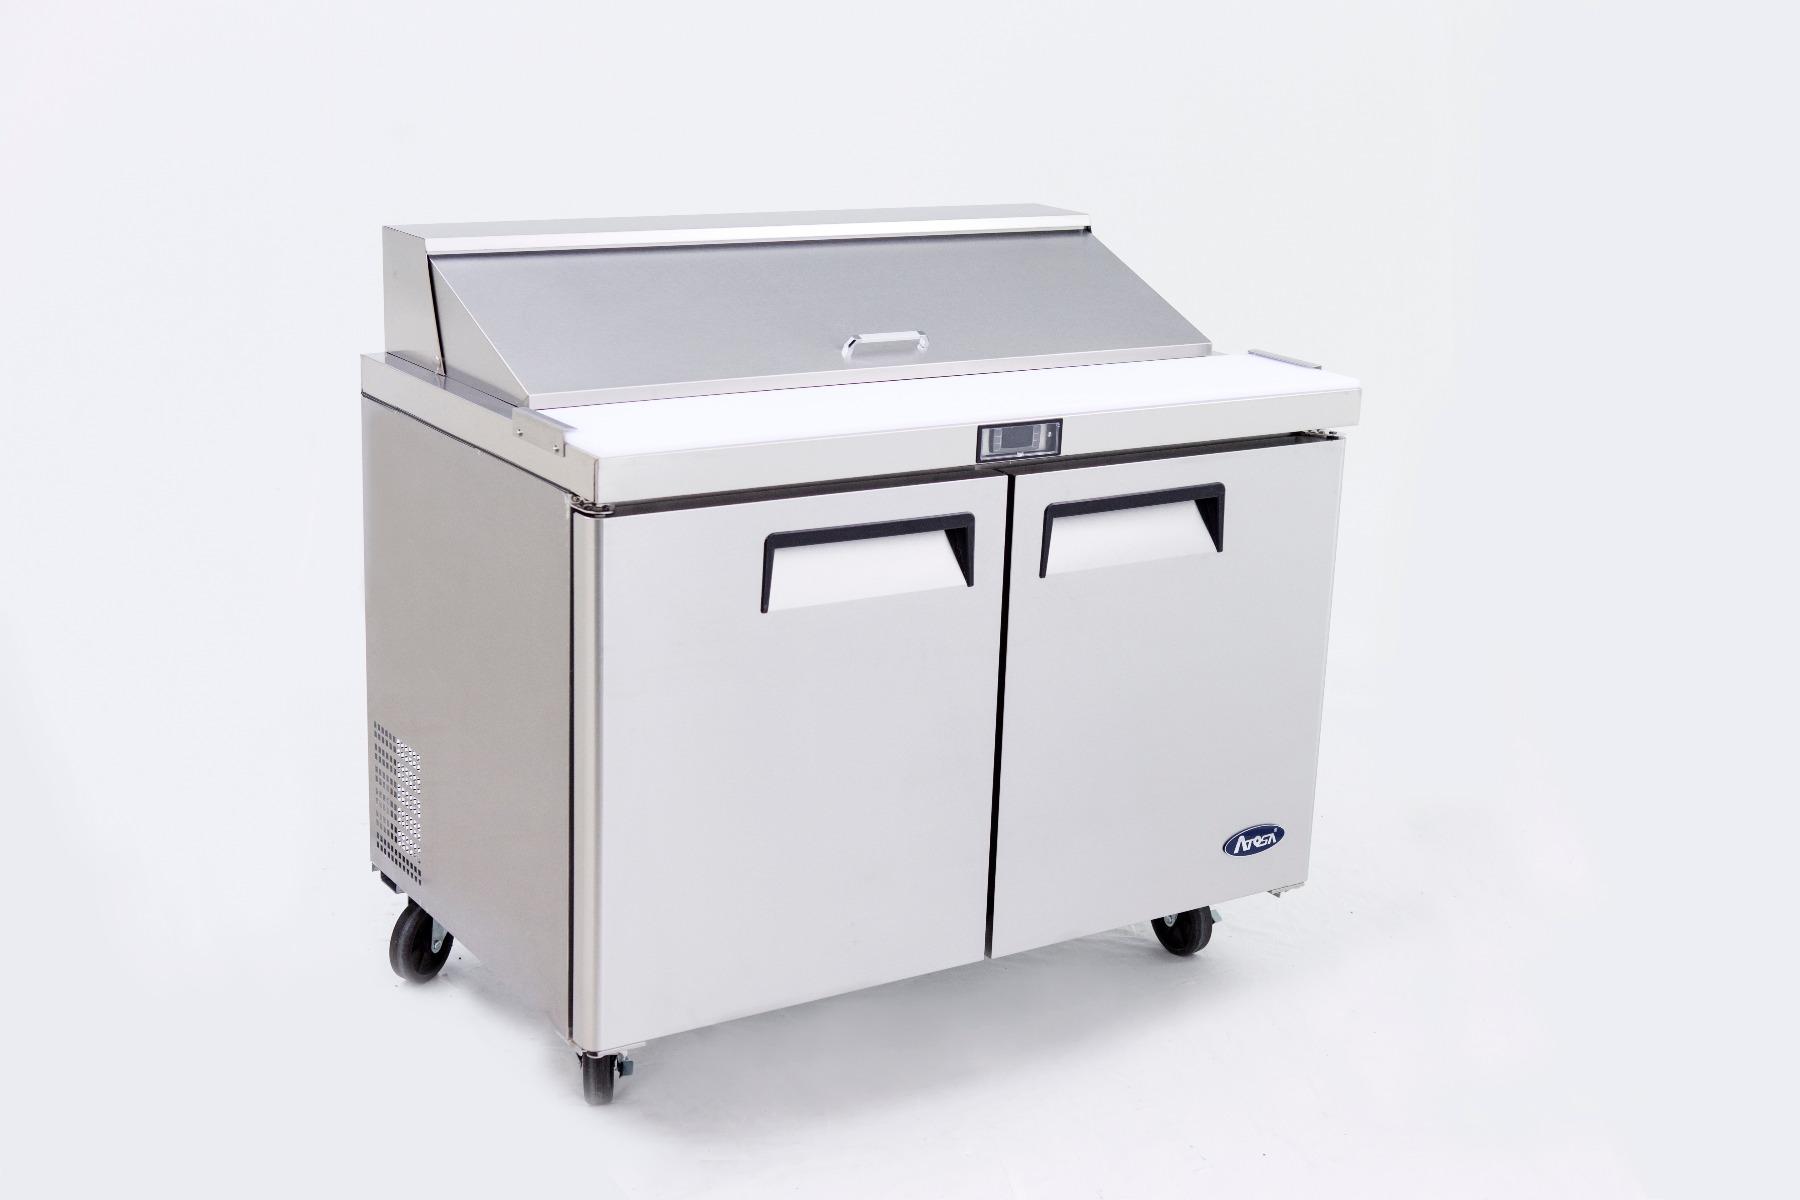 2 Door Sandwich Prep Table Refrigerator 1225 mm